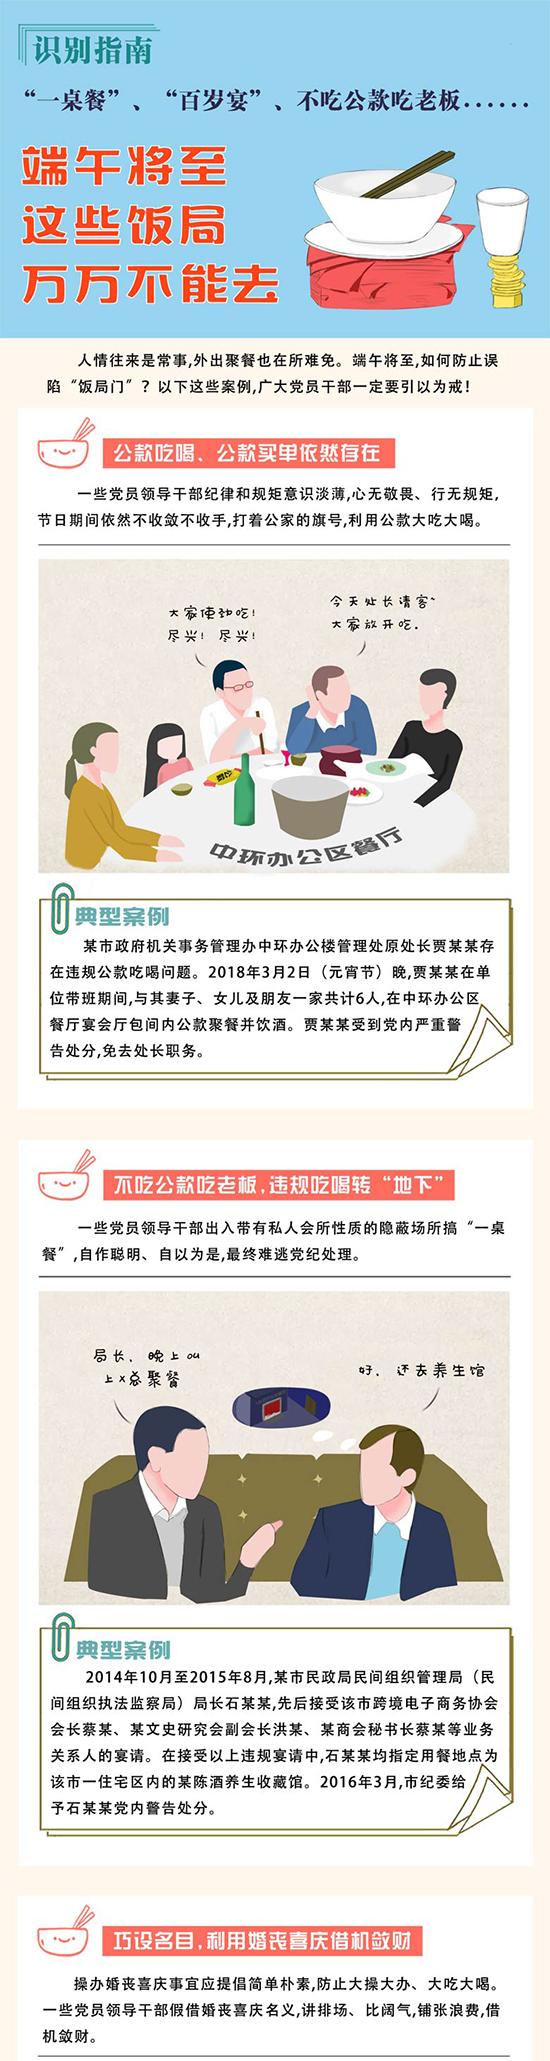 端午将至中纪委图 江苏吴中医药集团有限公司解漫画详解五种饭局万万不能去